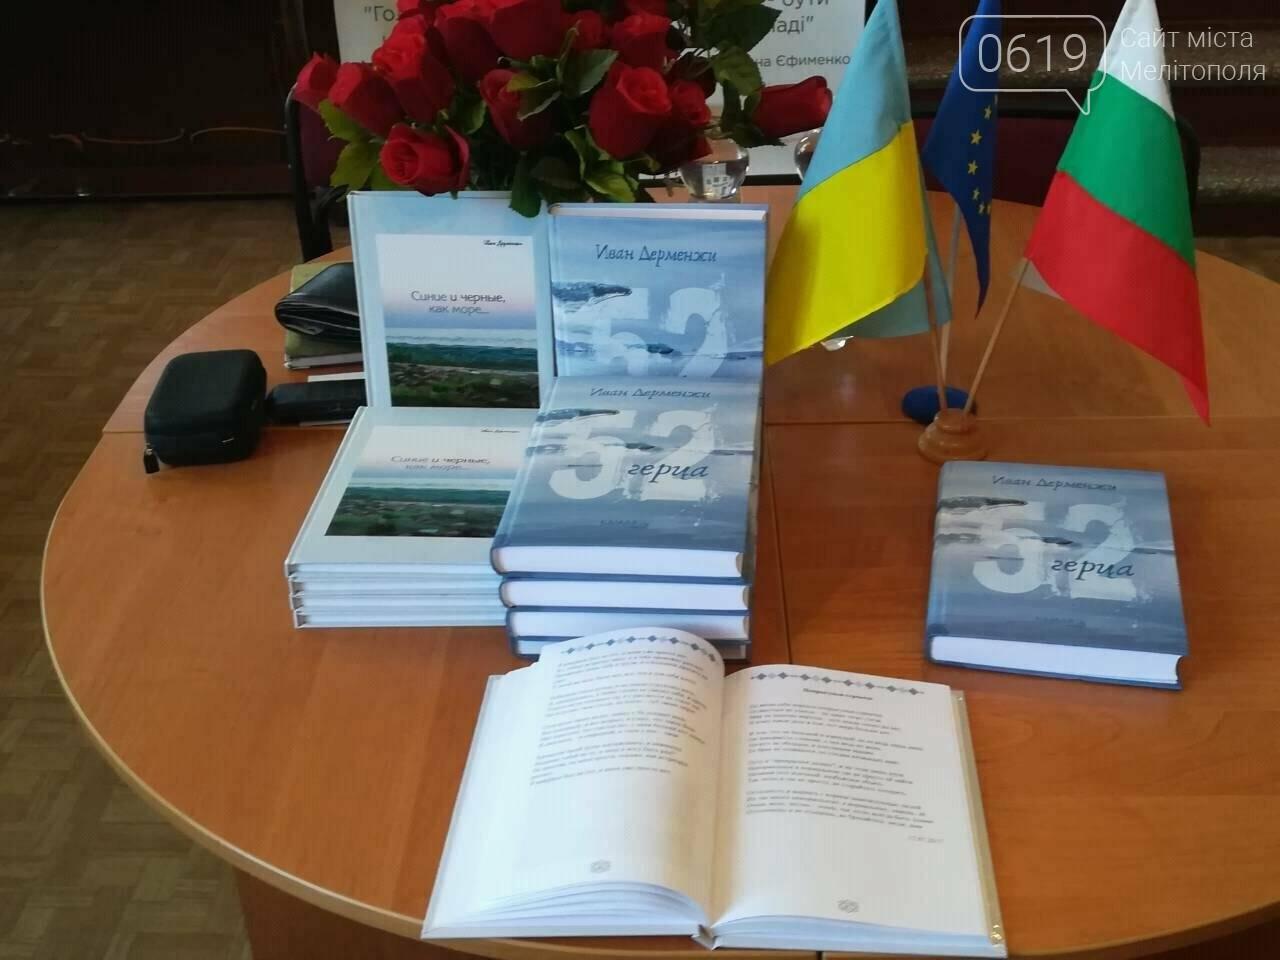 Мелитопольцы познакомились с творчеством поэта Ивана Дерменжи, фото-2